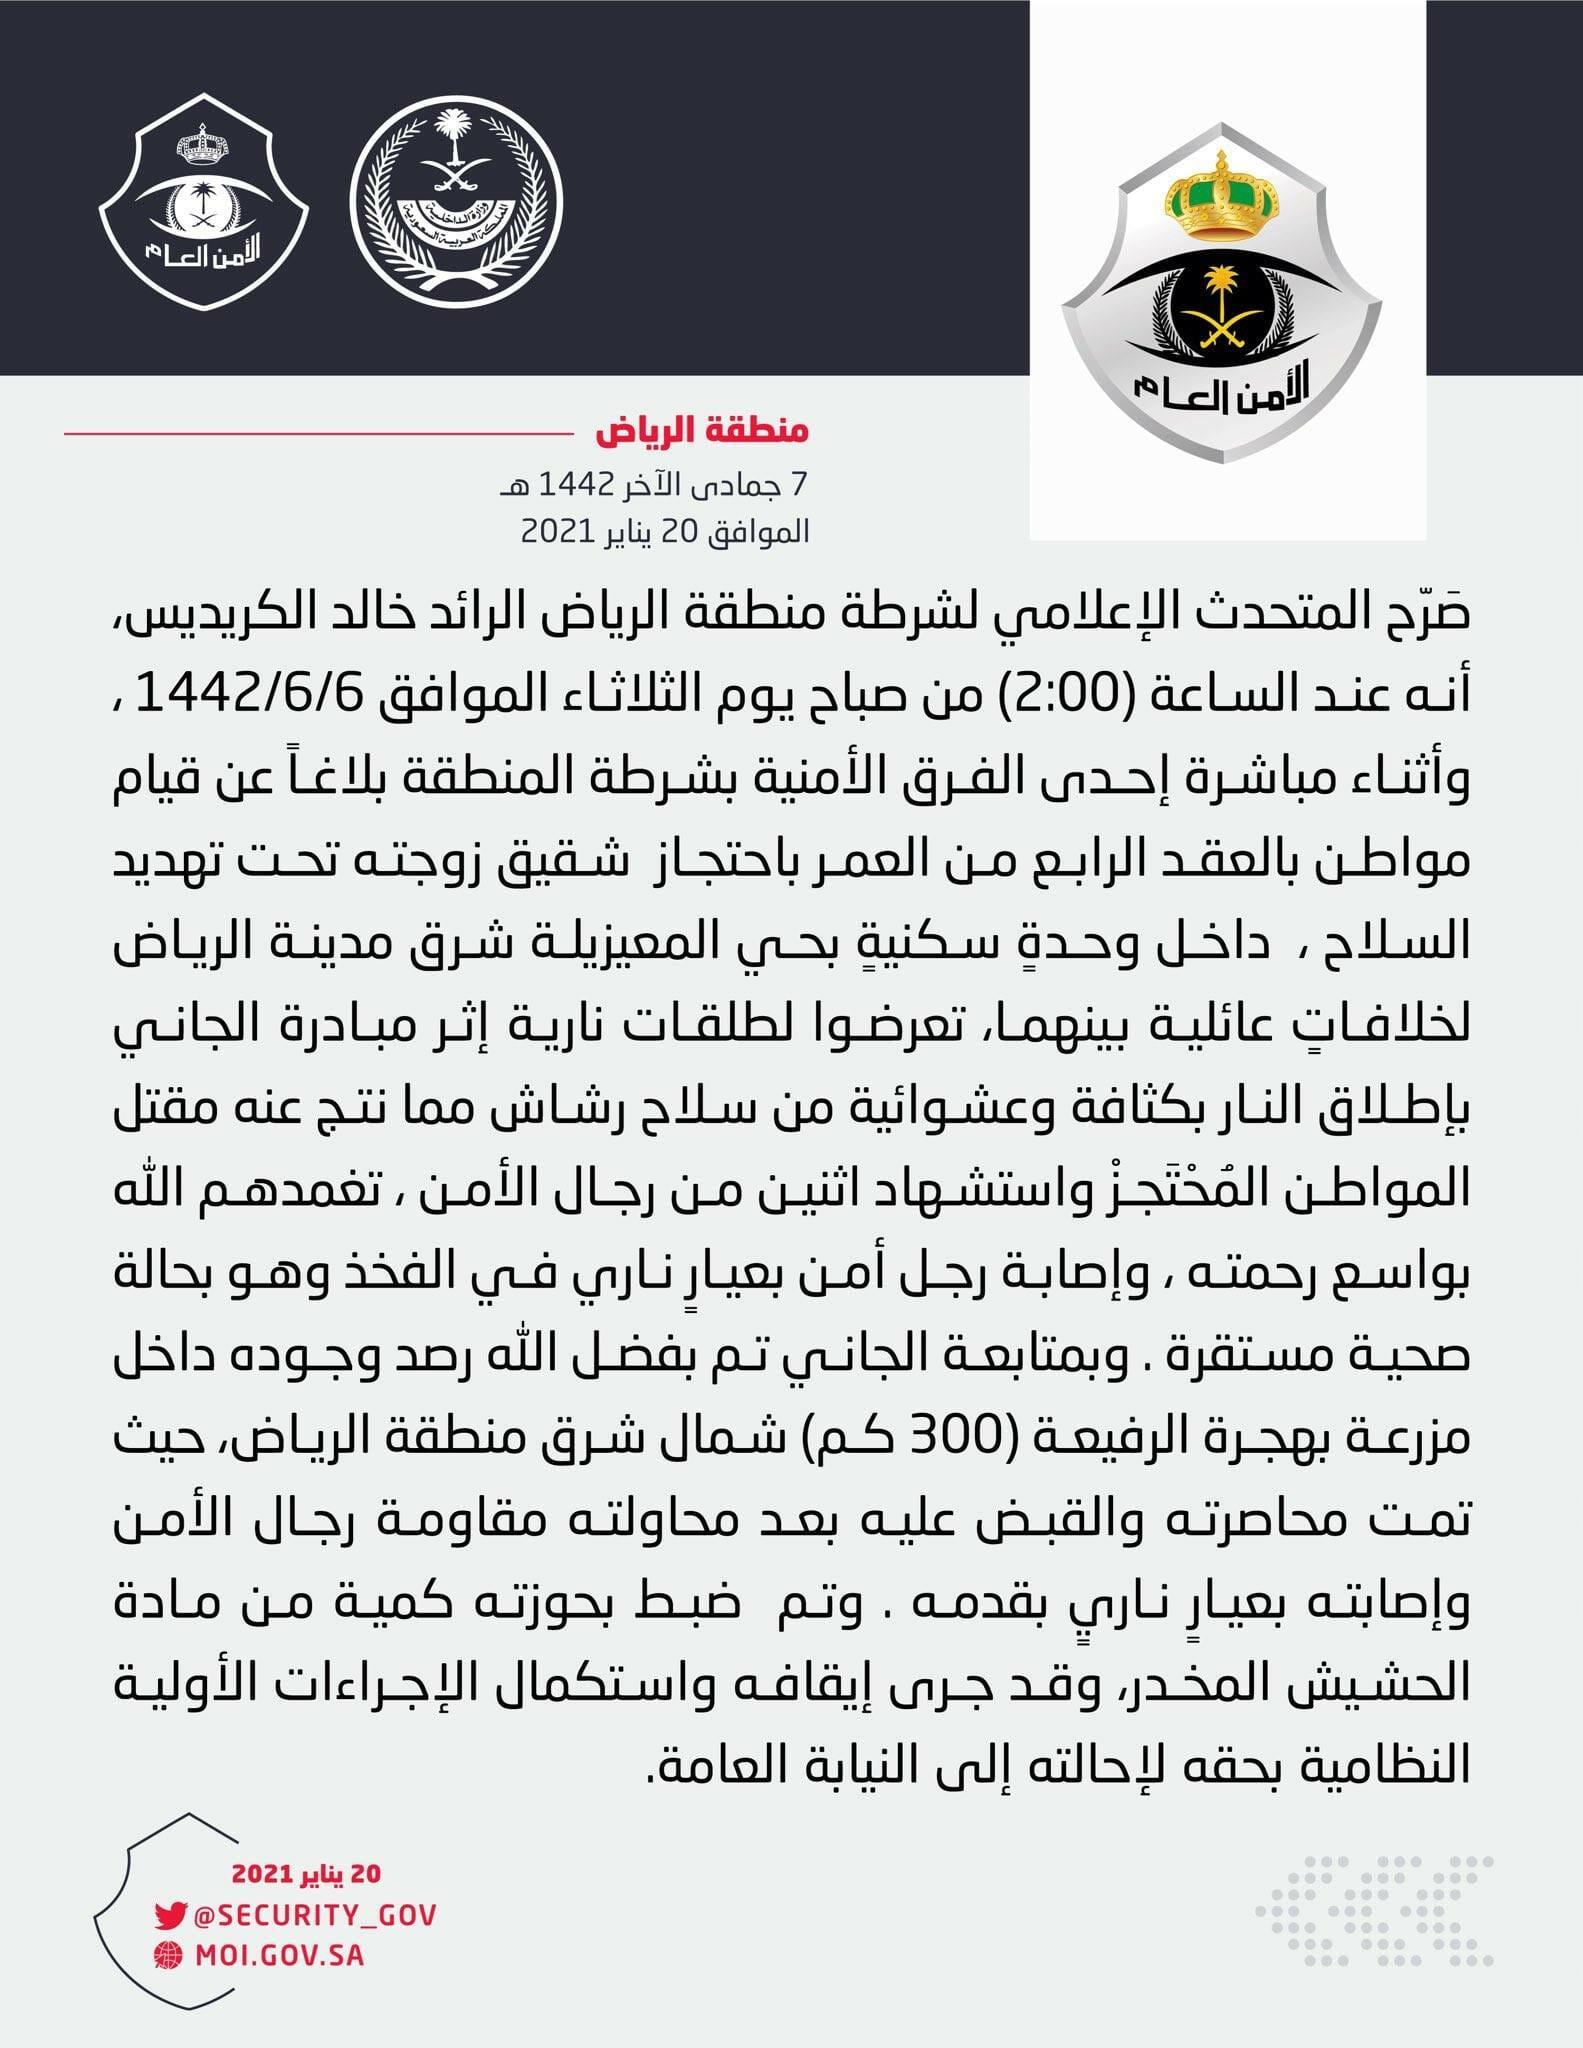 بيان الأمن العام بشان هجوم المعيزيلة شرق الرياض